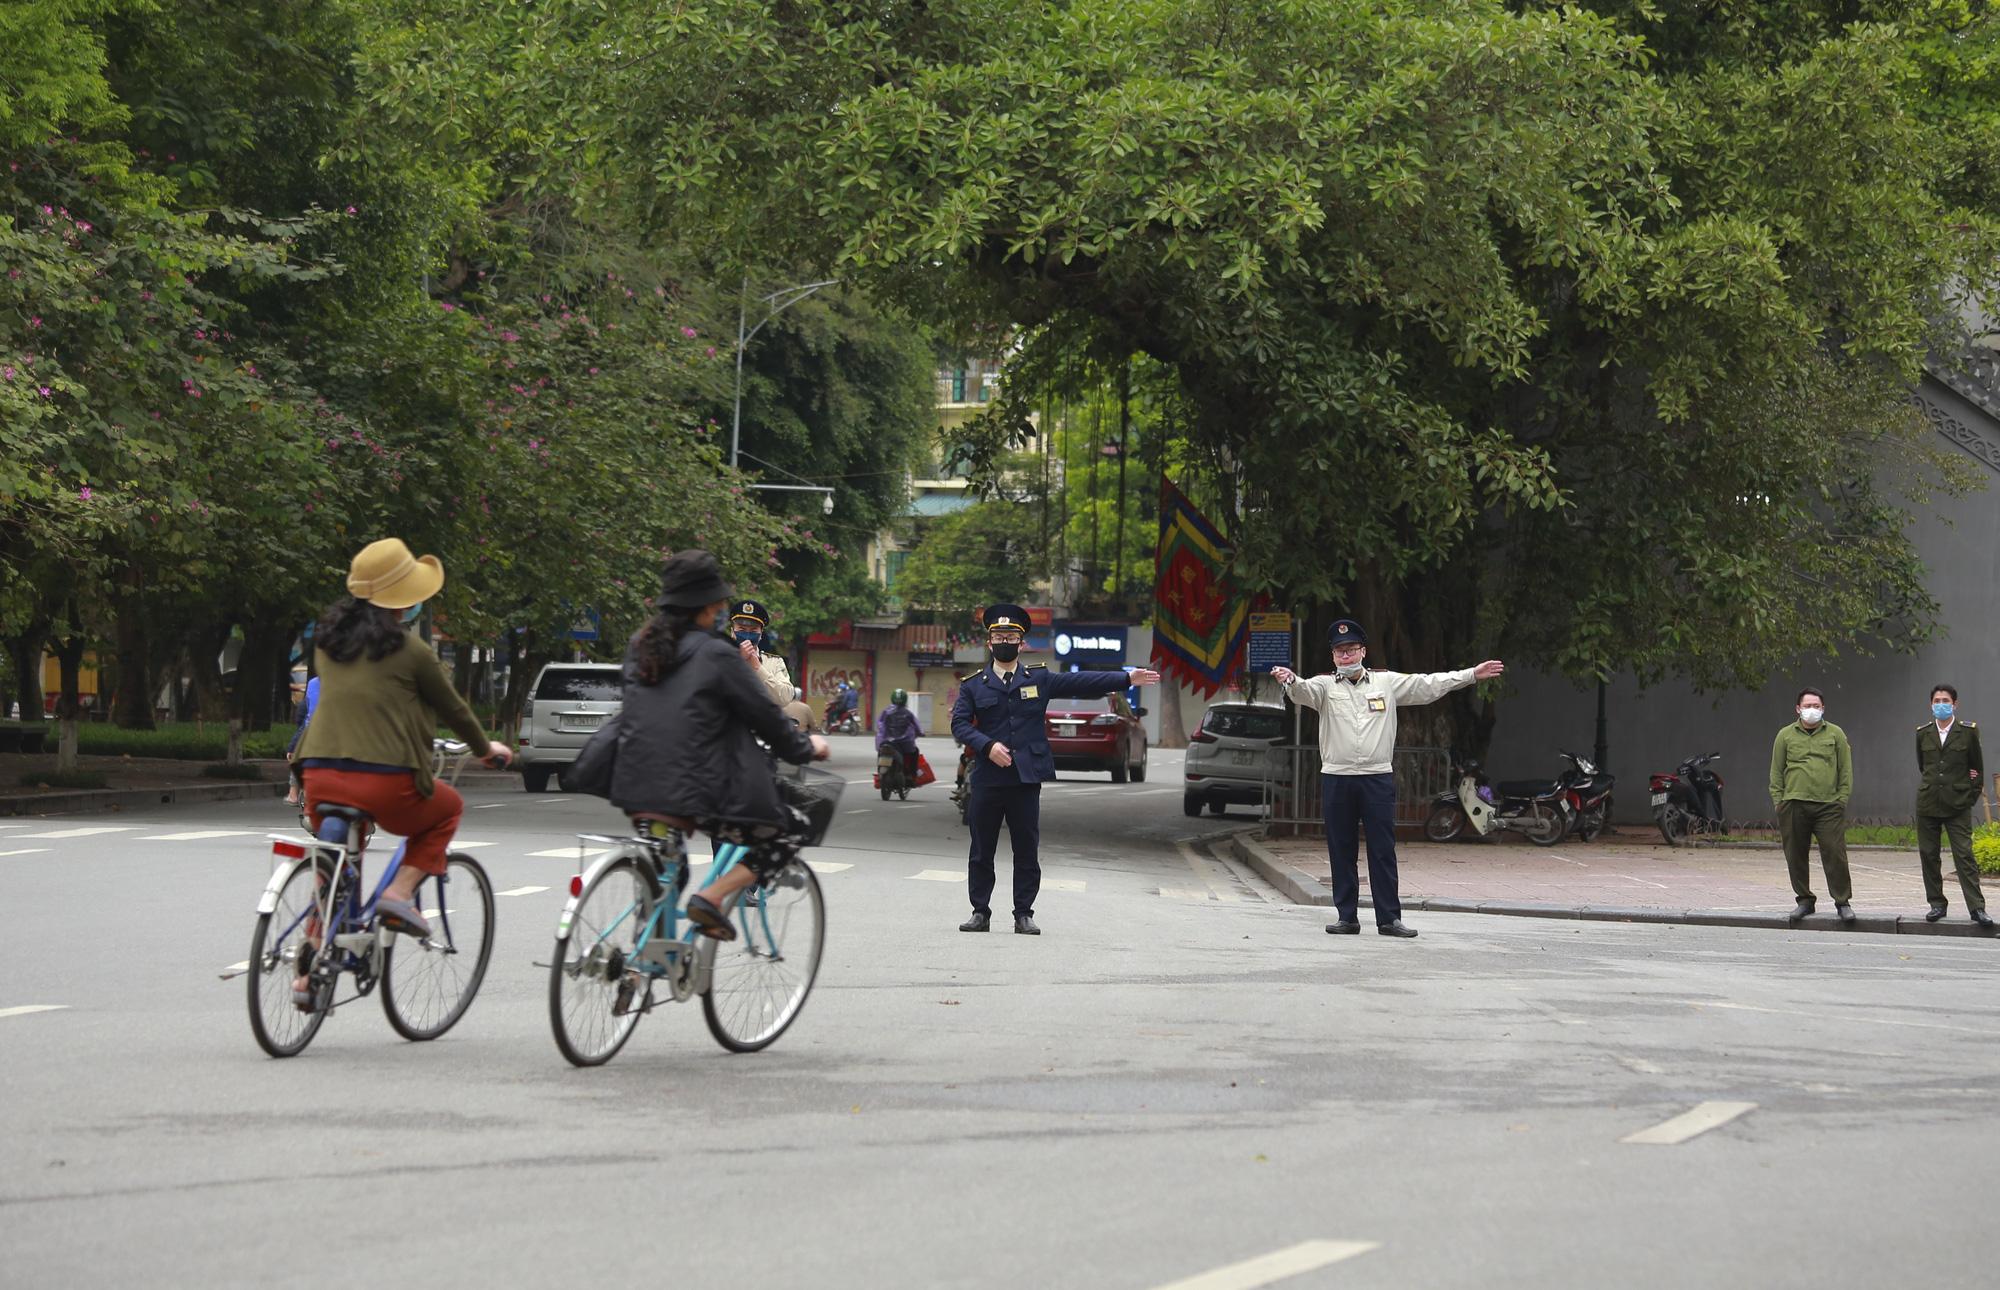 Hà Nội: Hàng trăm người dân đi tập thể dục bị nhắc nhở quay về nhà - Ảnh 6.